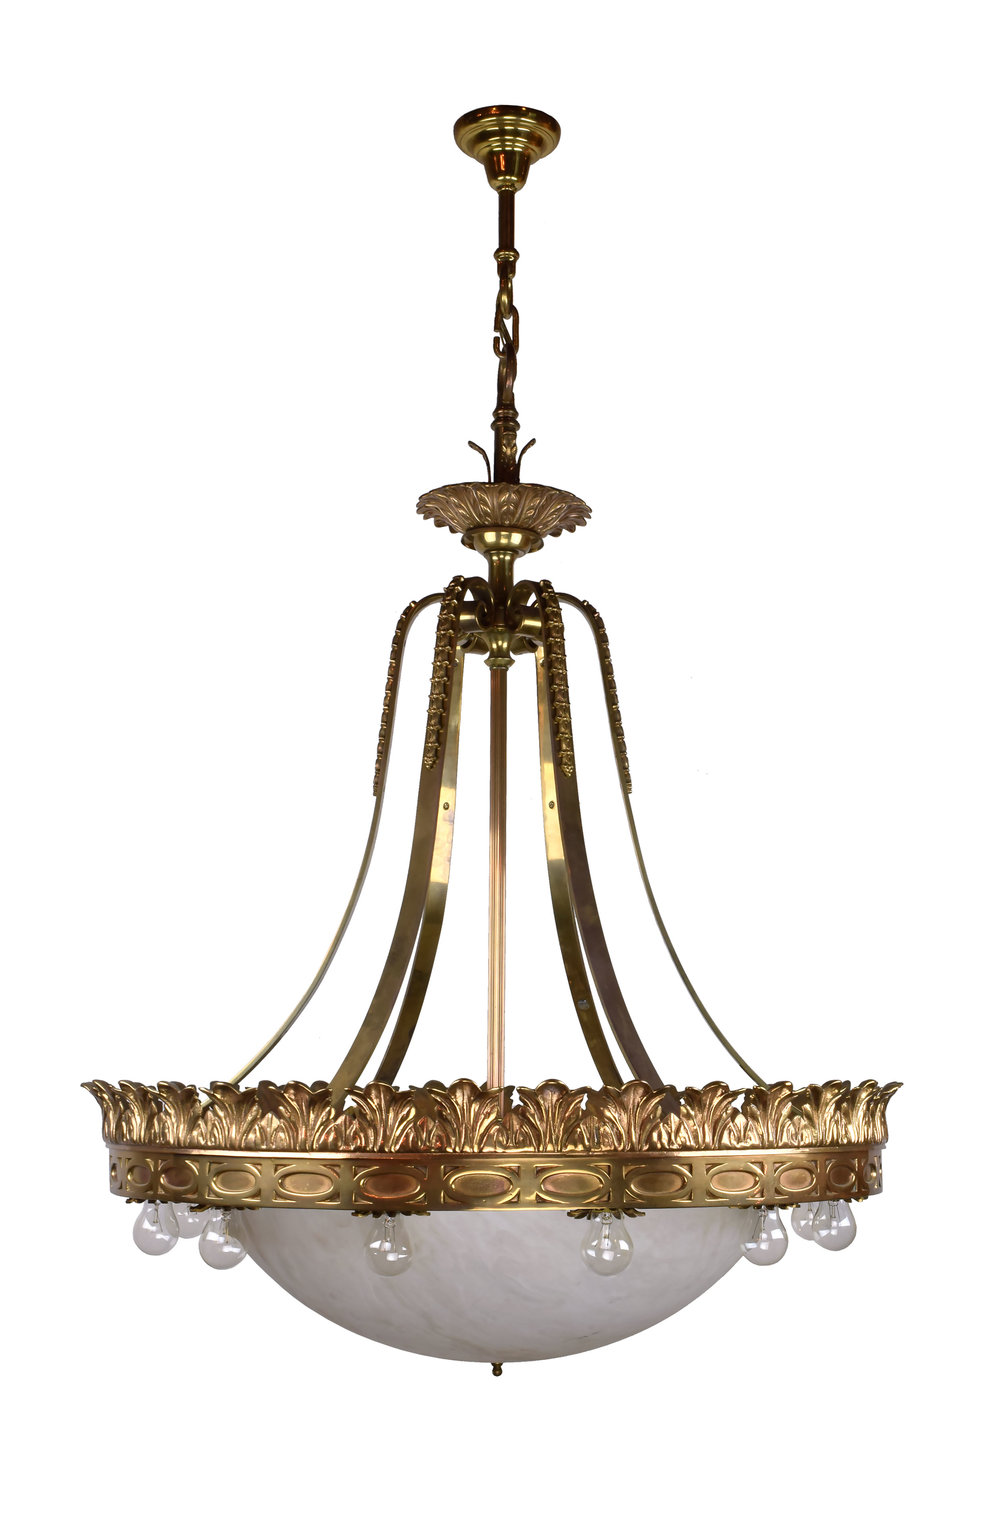 47134-bronze-chandelier-straight-on-view.jpg